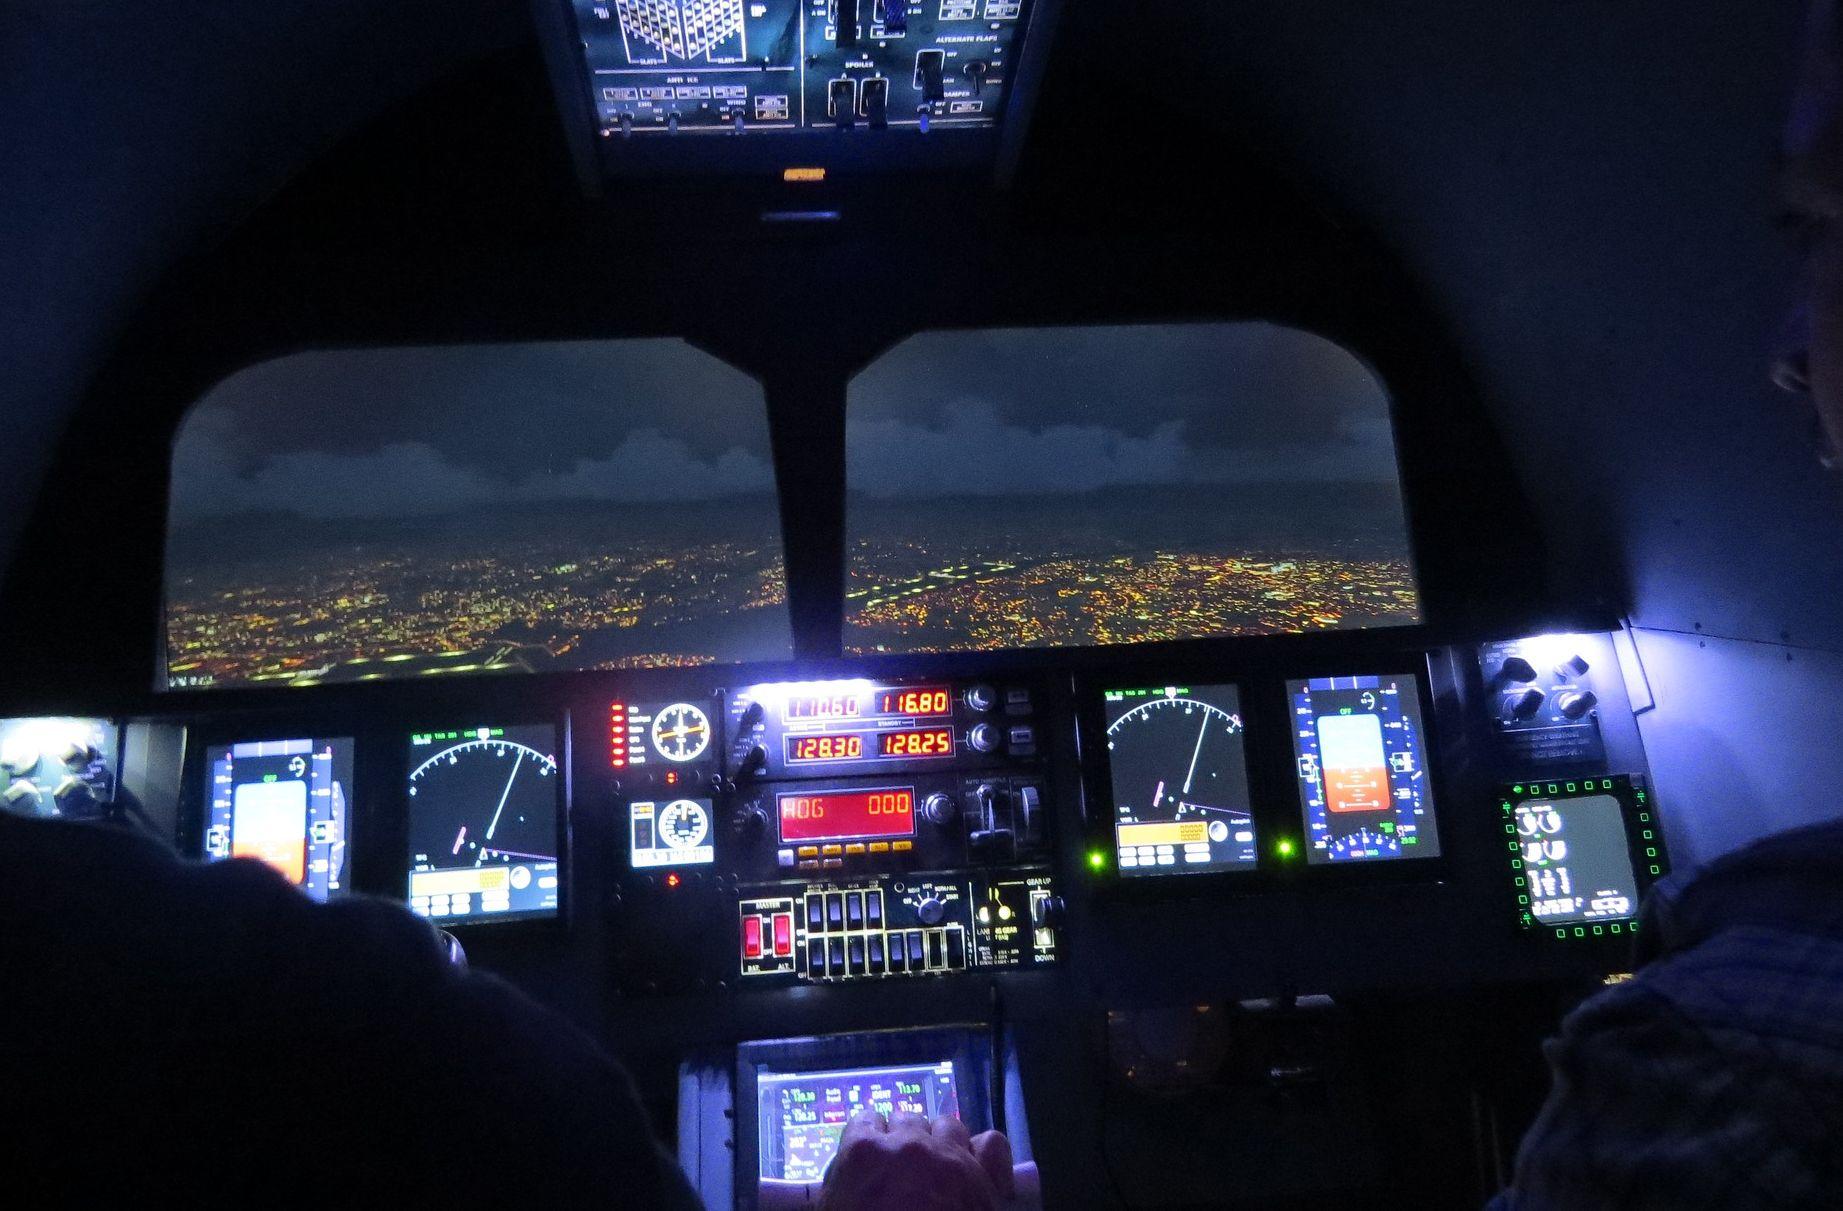 טיסת חוויה בלילה